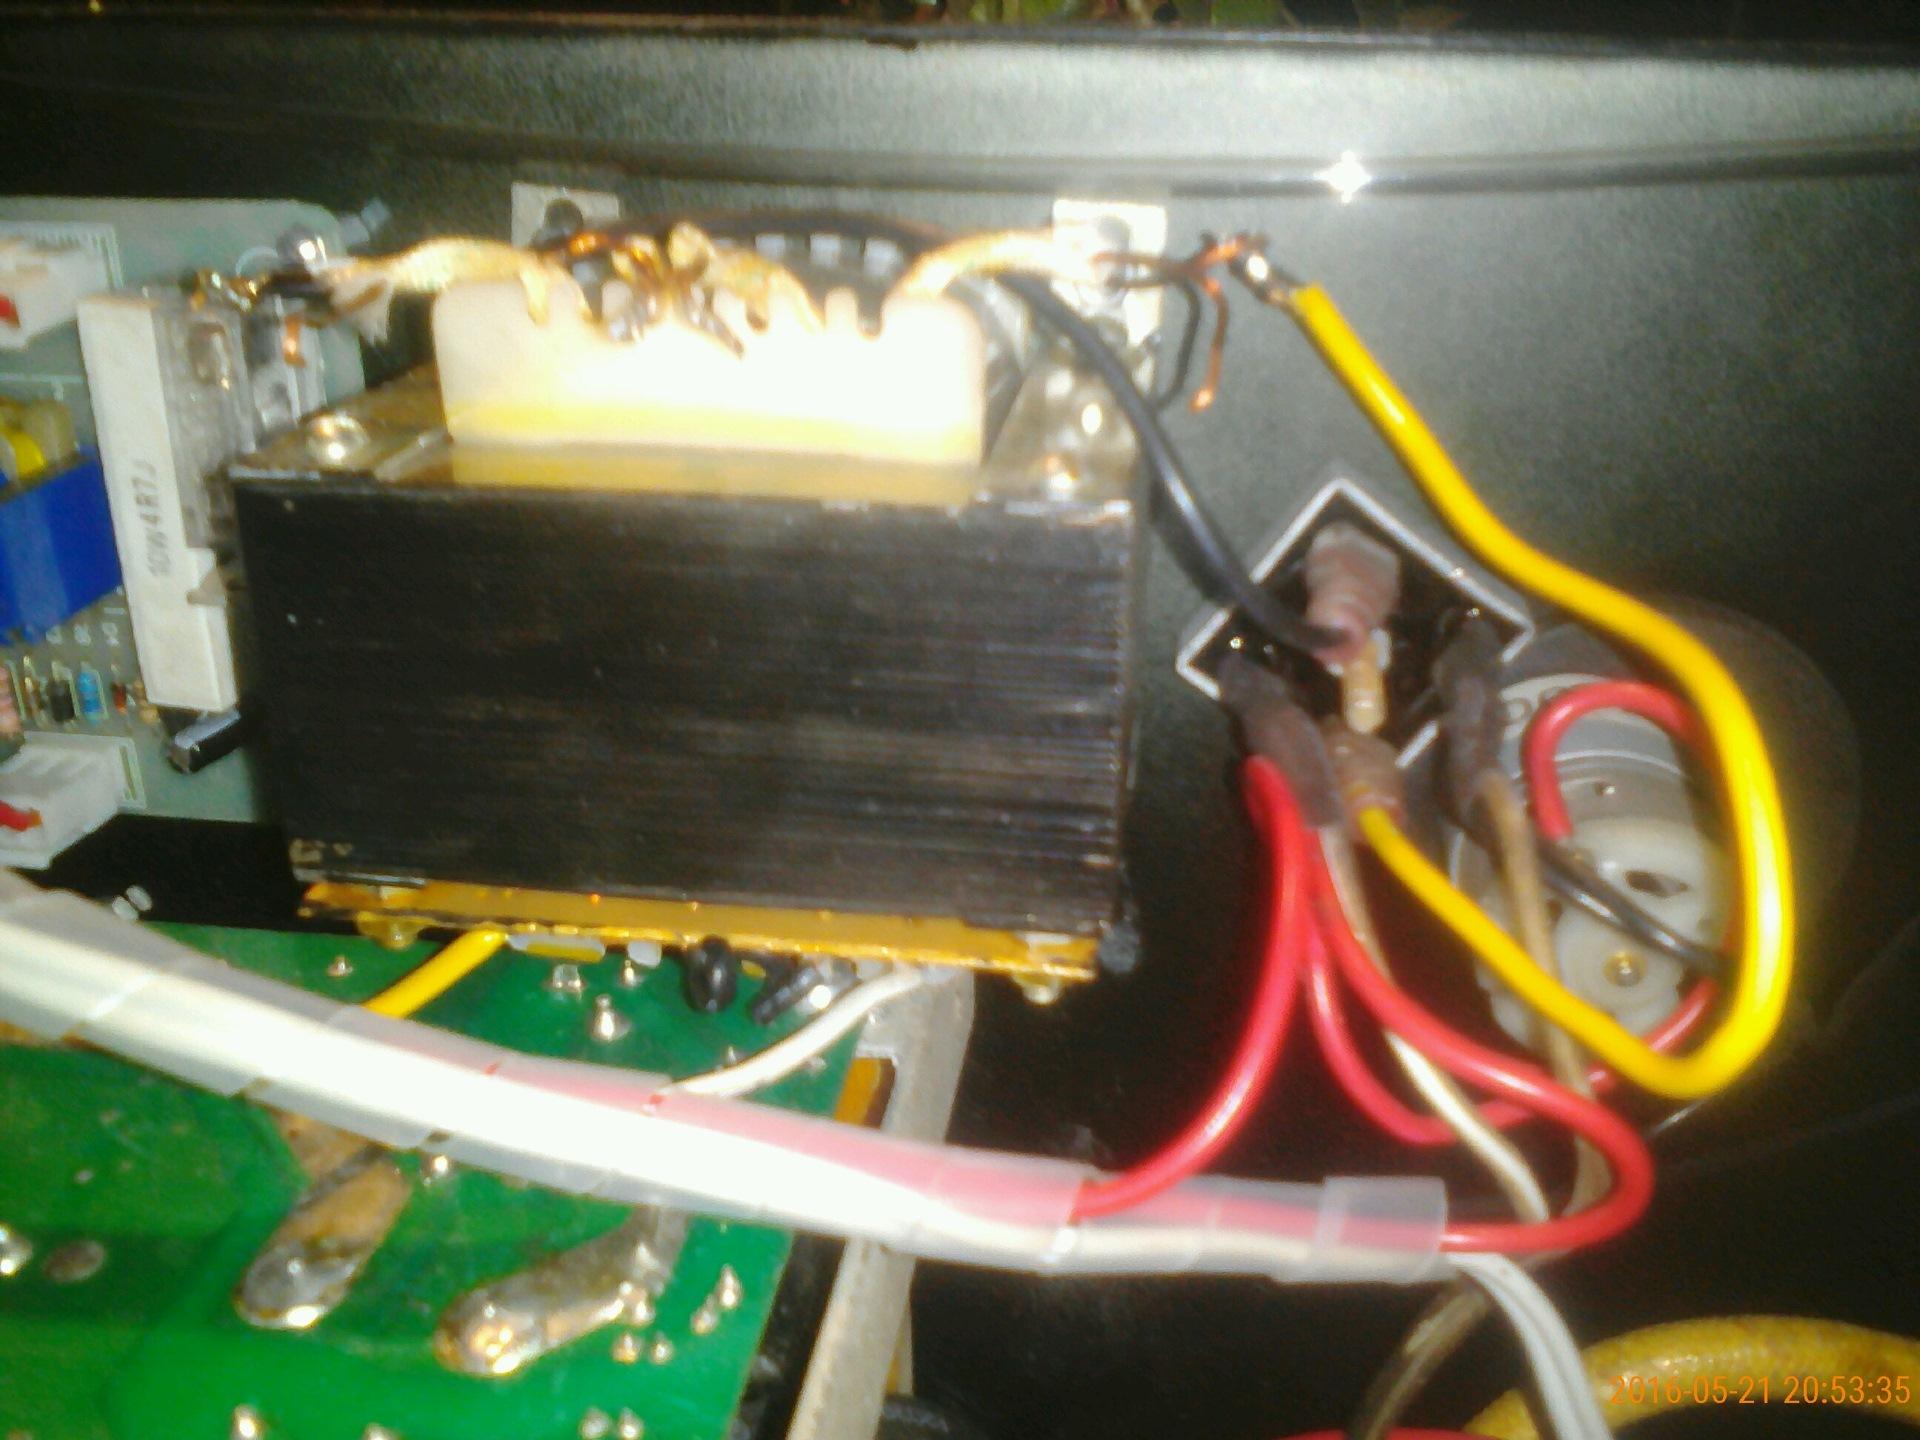 инвертор переделан приделана проволока фотоотчет стоит месте